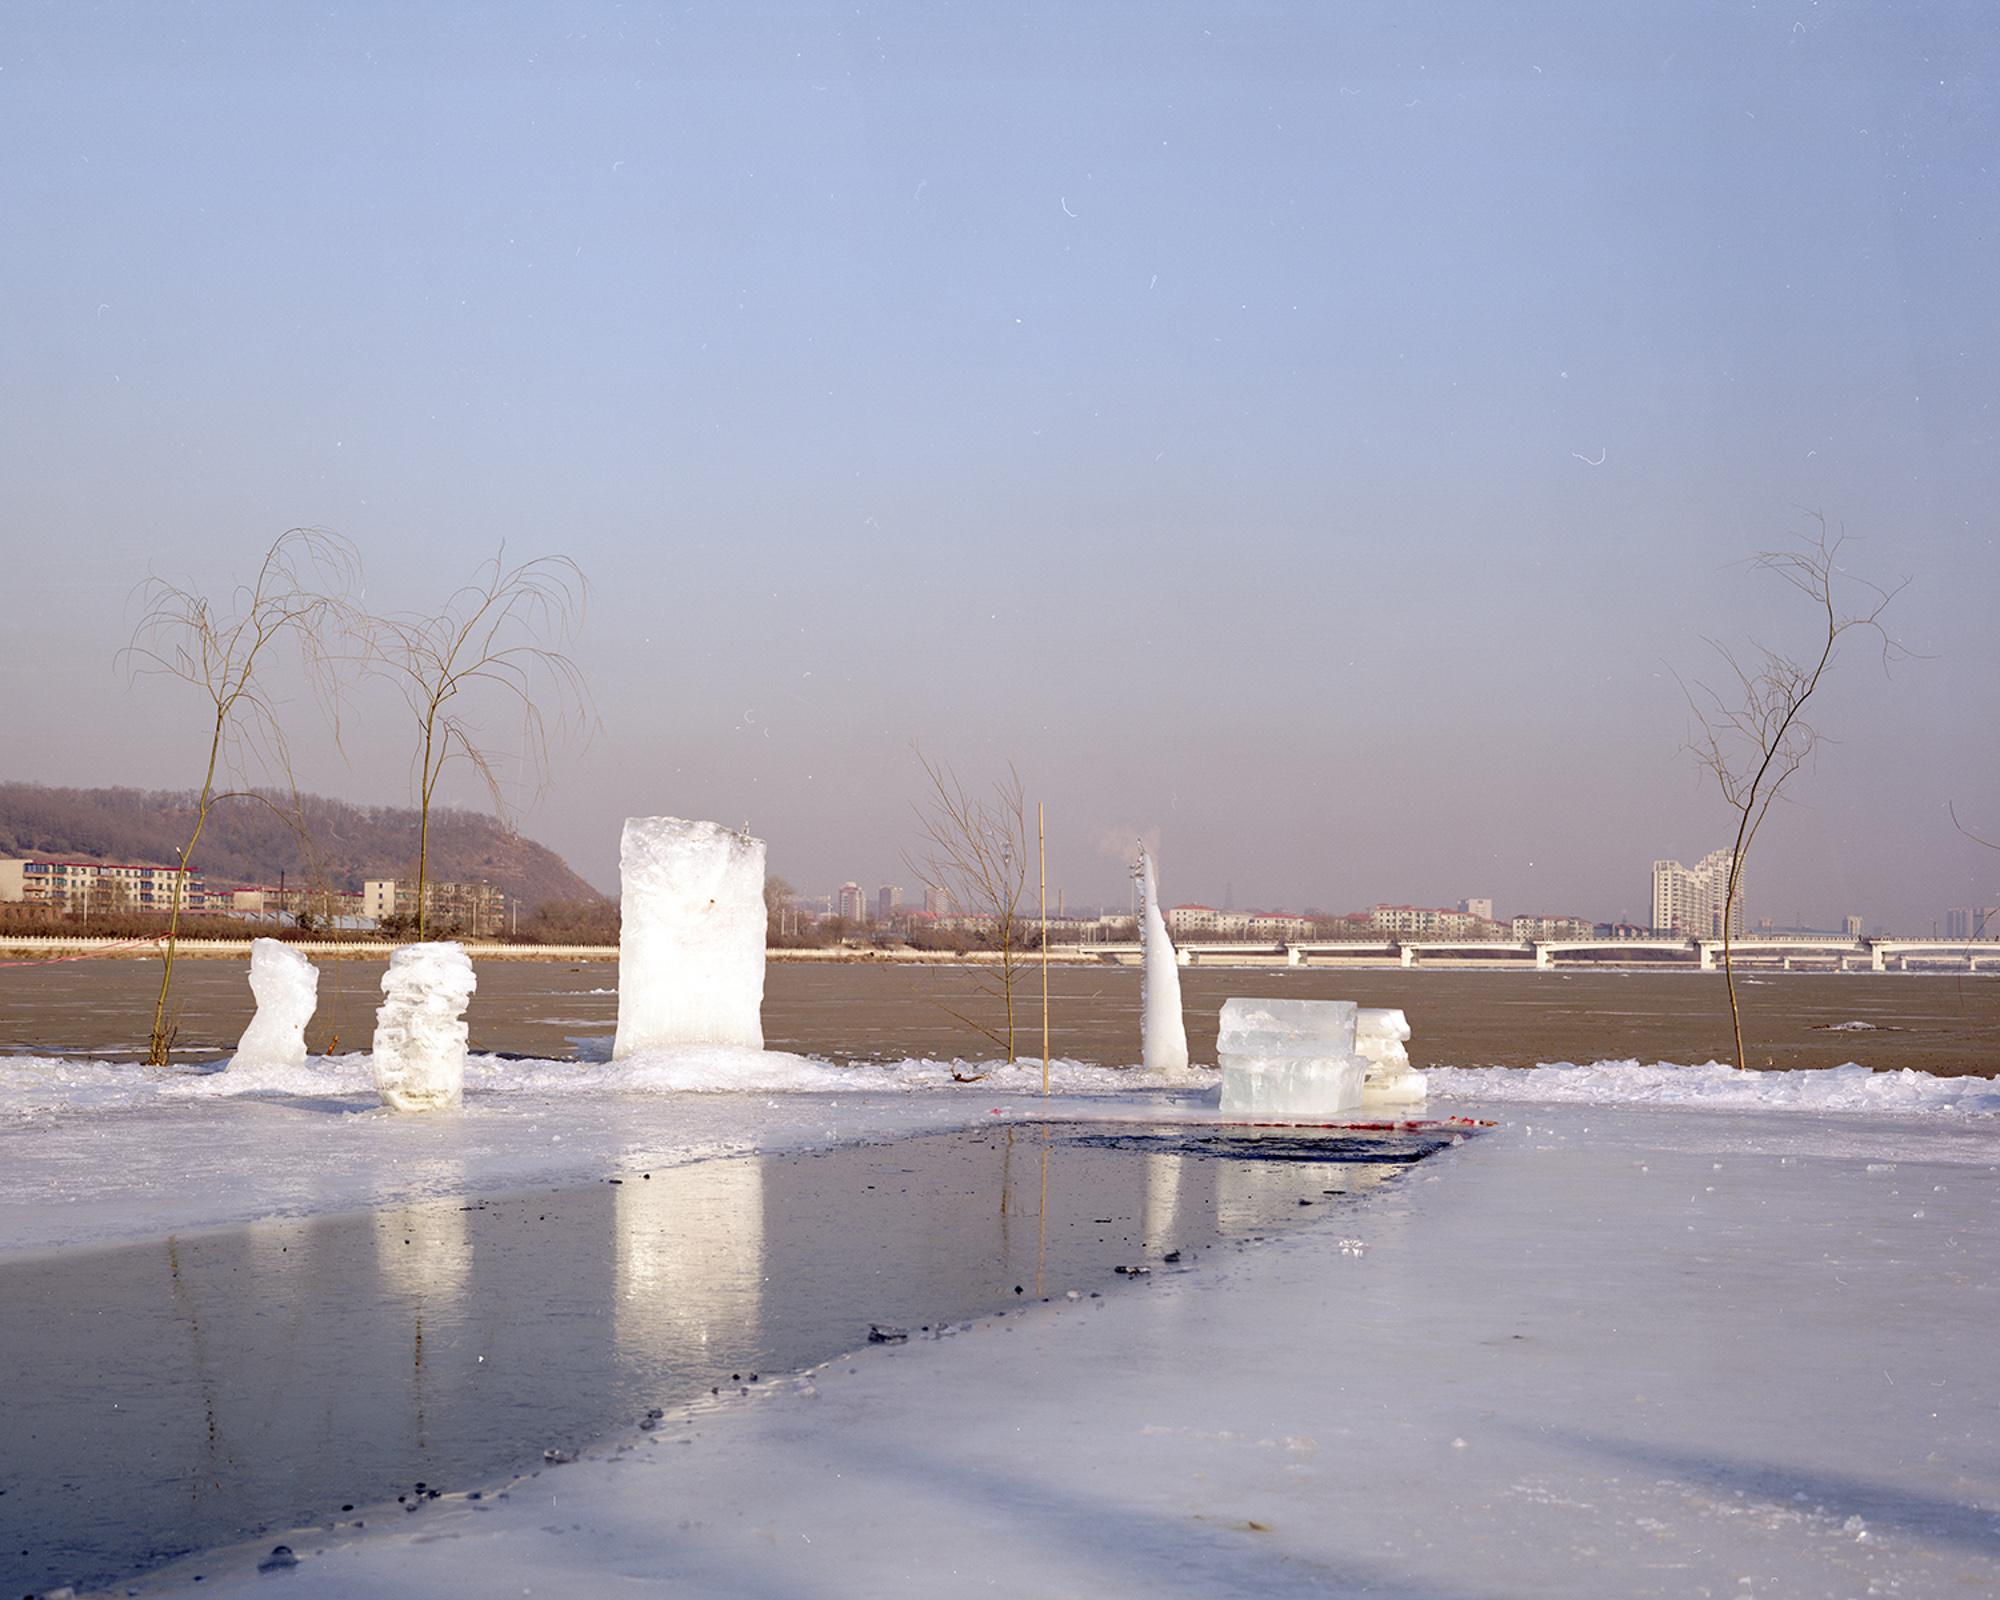 chen-ronghui-photography-of-china-Freezing Land  10.jpg